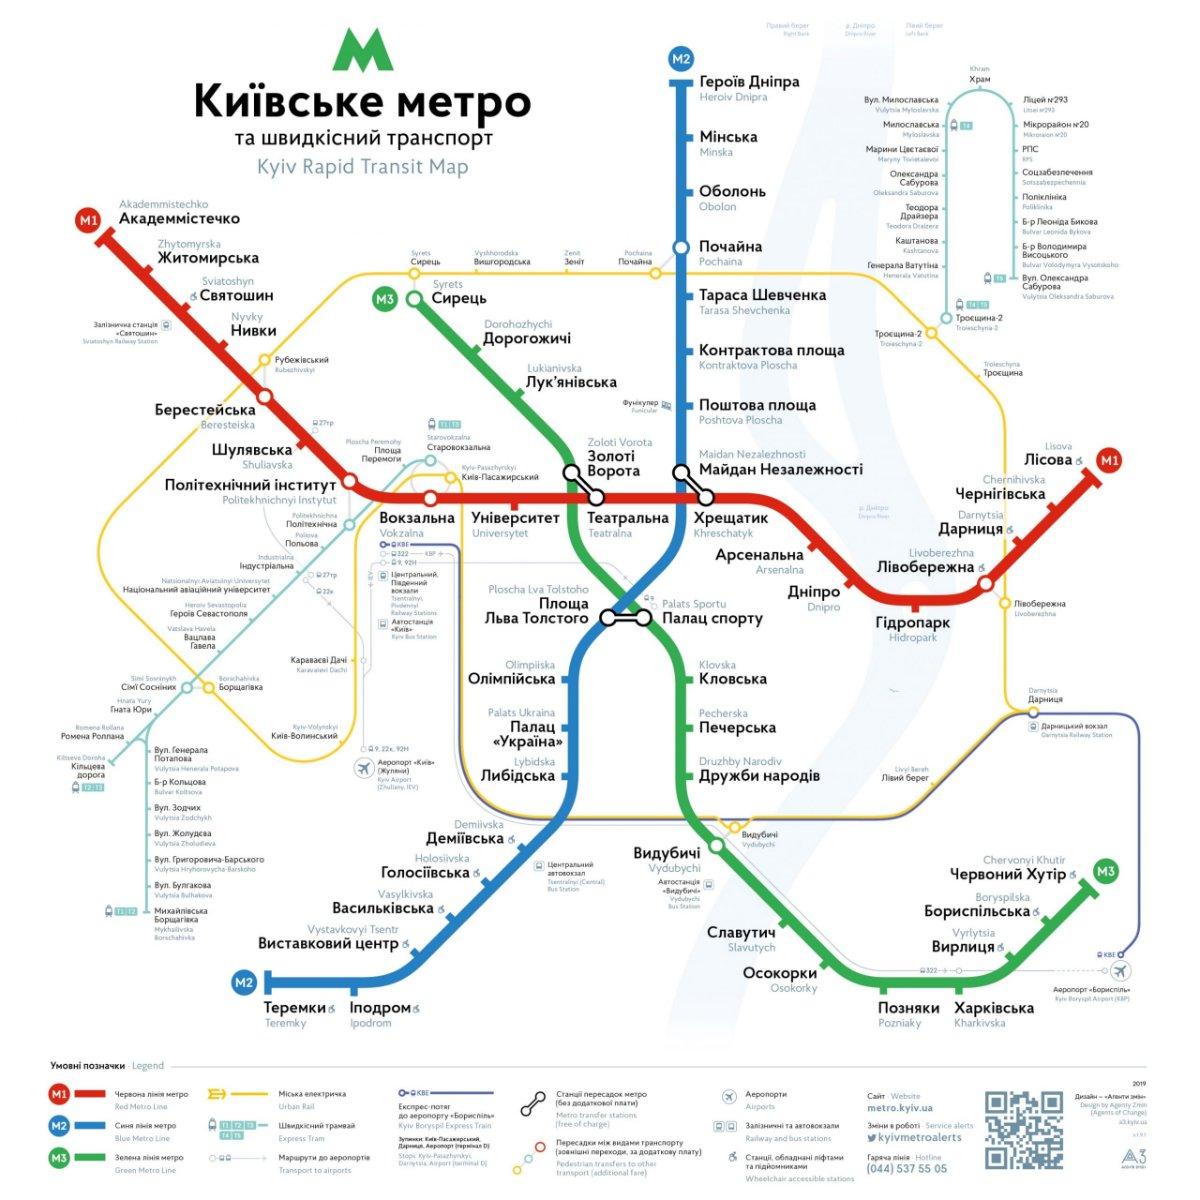 IDMedia Наружная реклама в городе Киев (Киевская область), Метро Digital в городе Киев №238996 схема